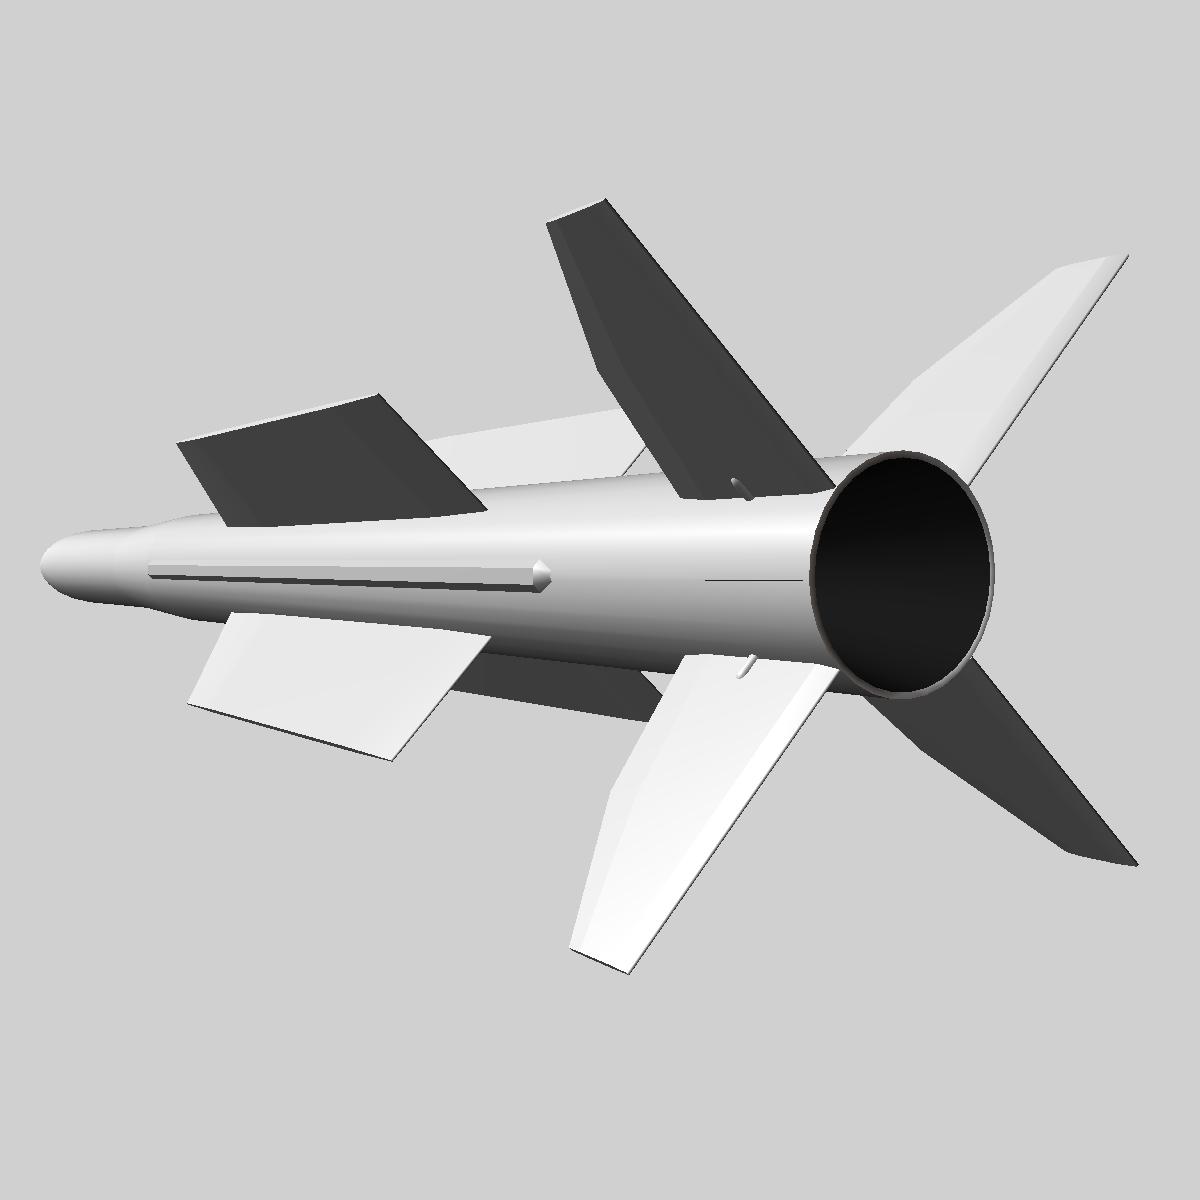 iranian taer-2 missile 3d model 3ds dxf x cod scn obj 149246